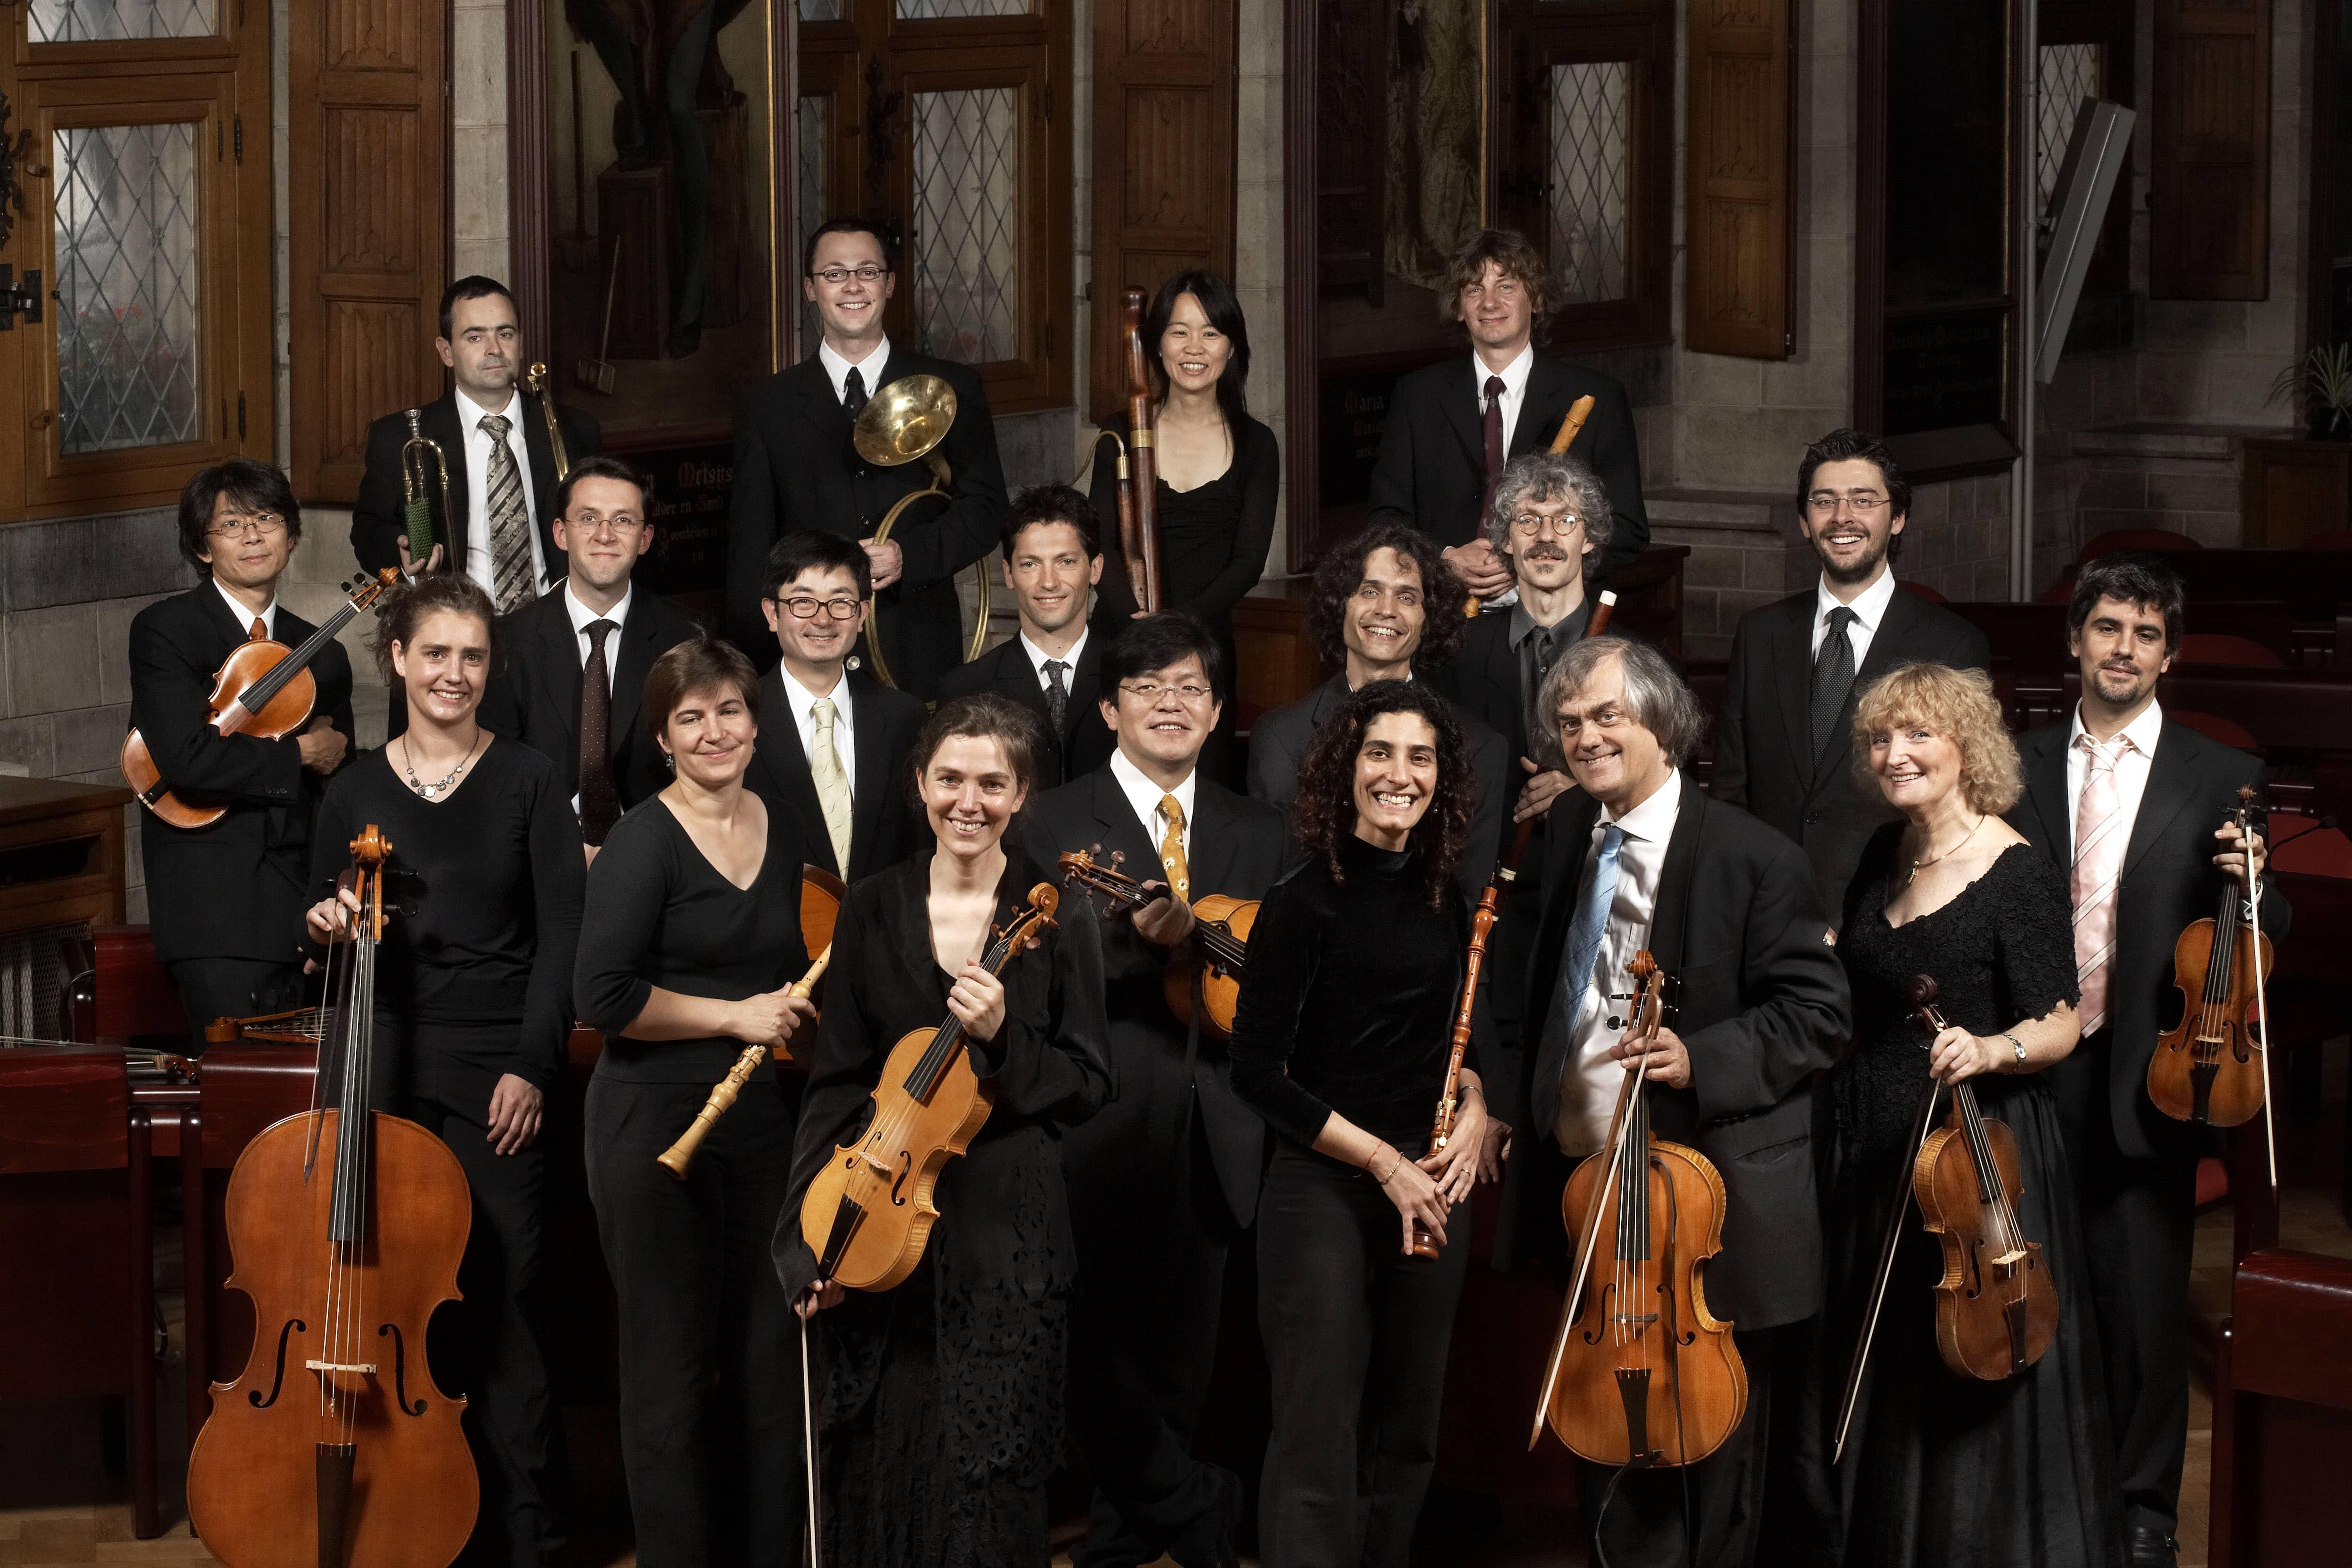 Dal 20 marzo al 12 aprile l'edizione 2015 sarà interamente dedicata alla musica con 18 concerti